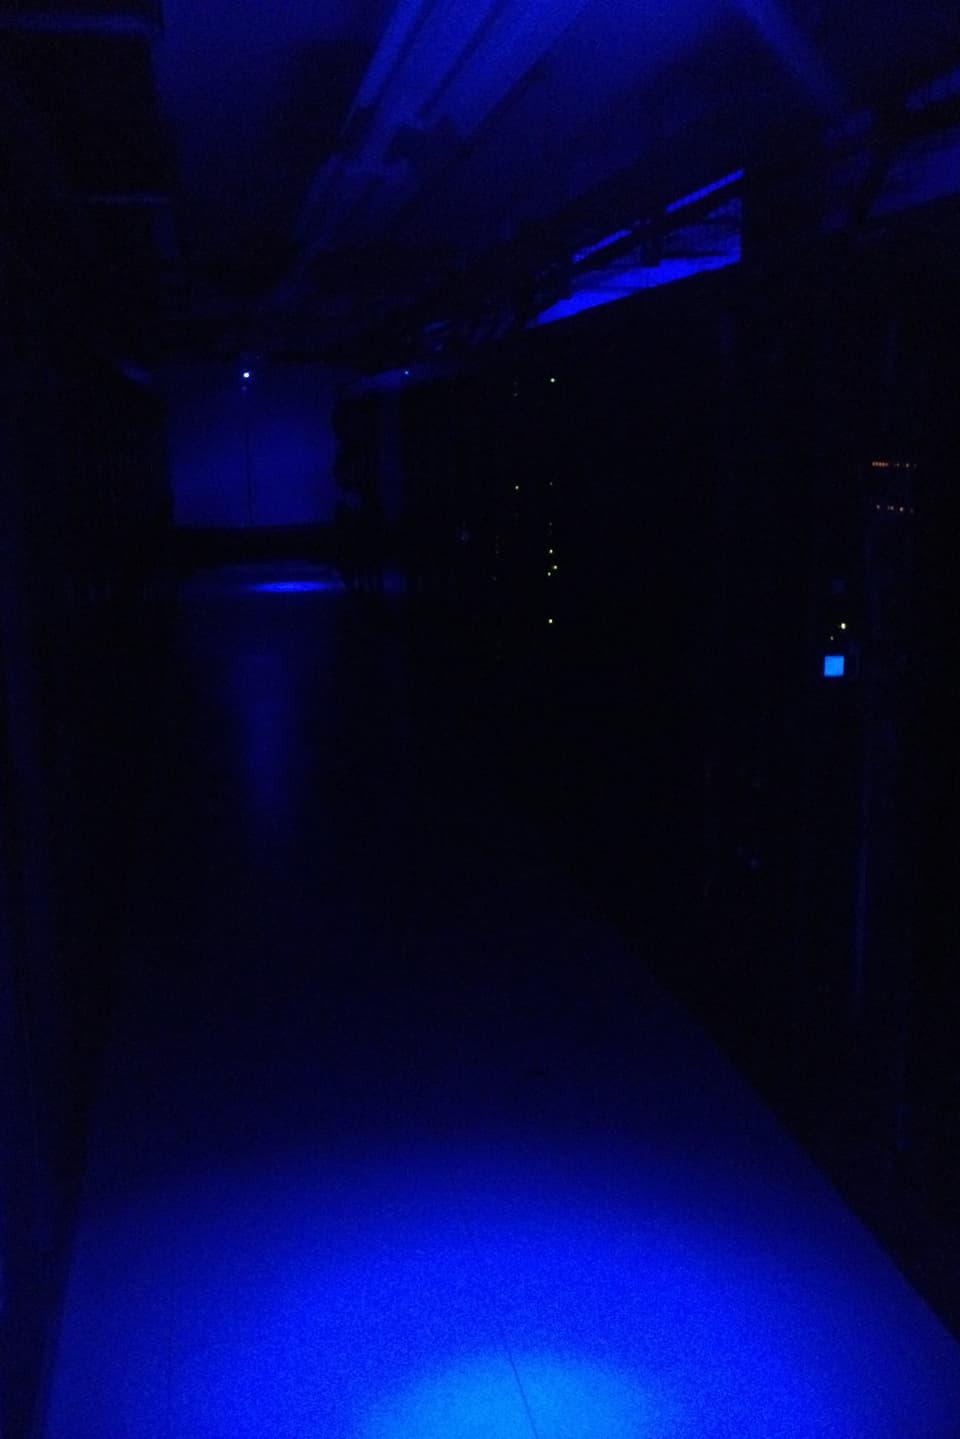 Das Datencenter ist meist dunkel und wird nicht nur permanent überwacht sondern auch ständig gekühlt, damit die Rechner nicht überhitzen.